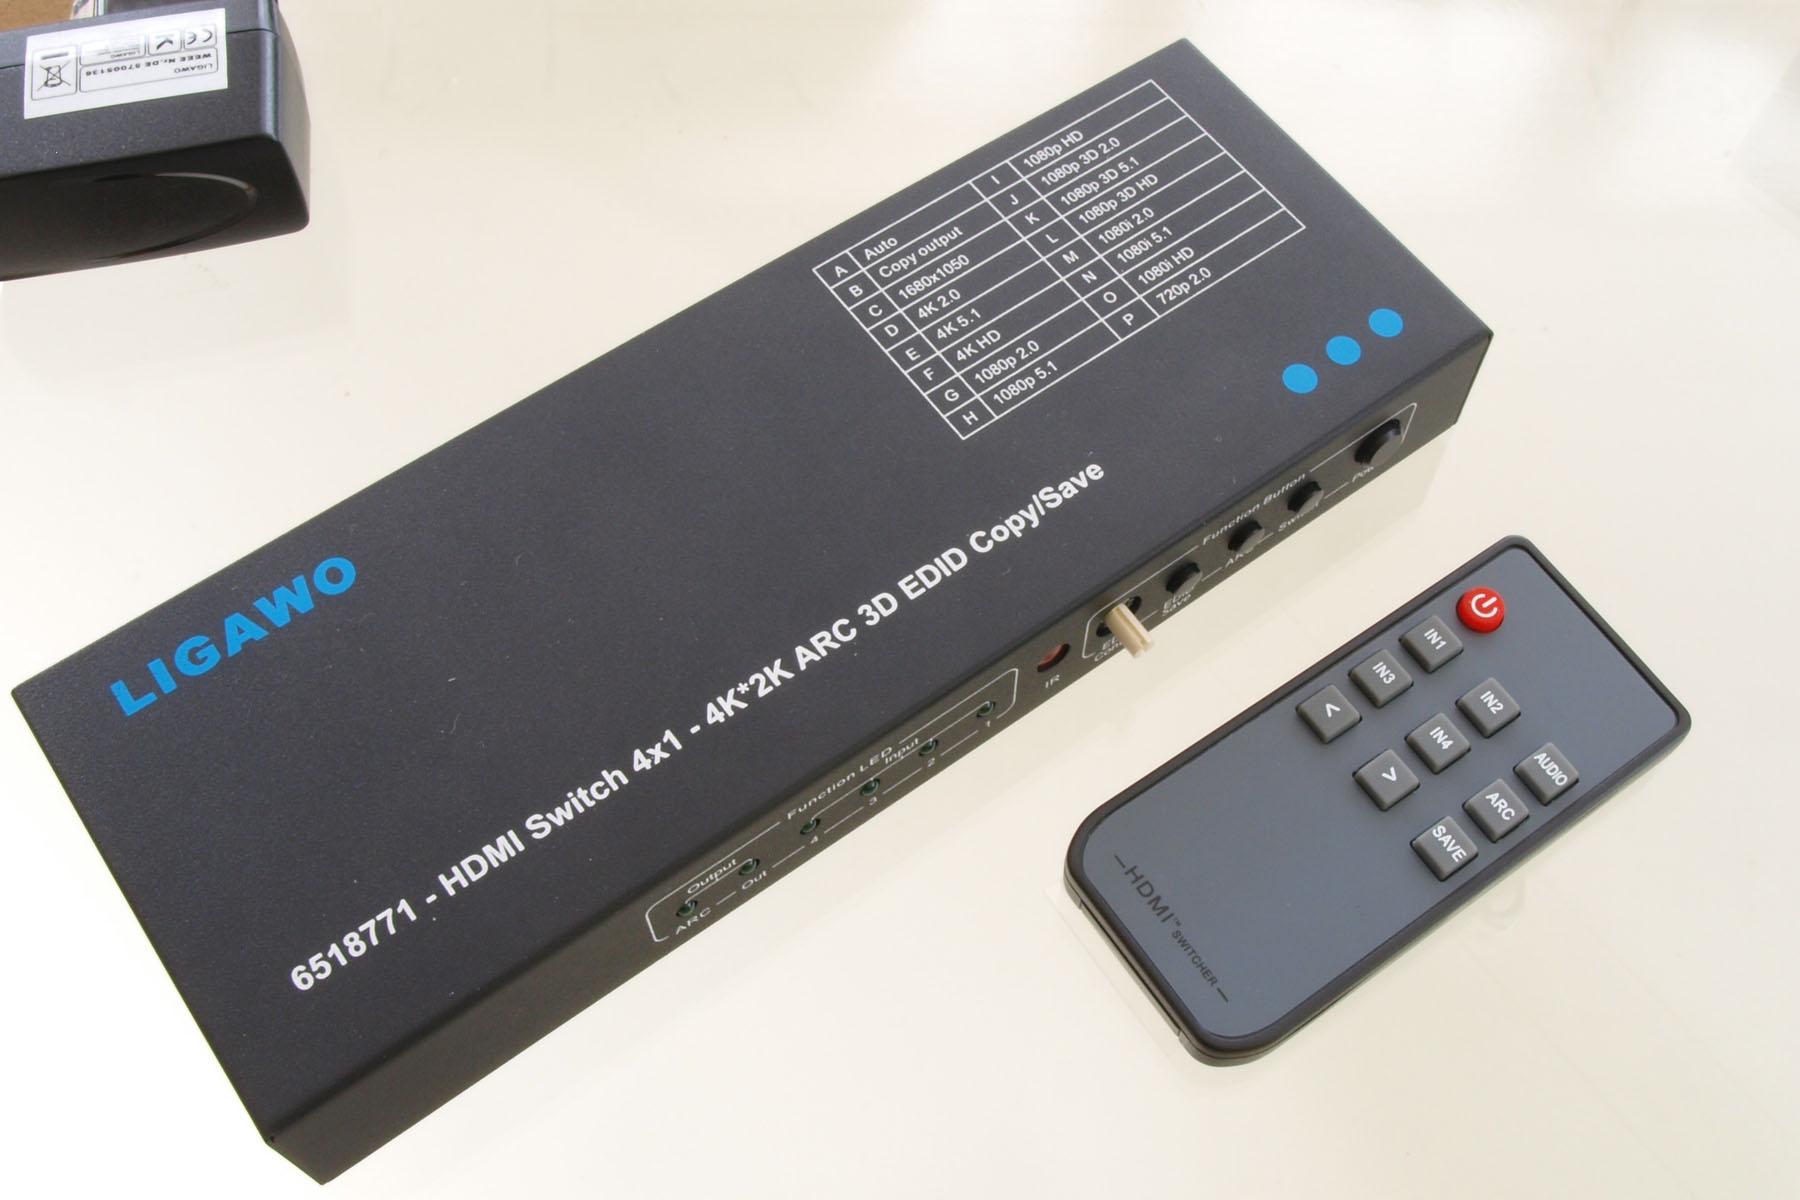 Ligawo 6518771 HDMI Switch 4x1